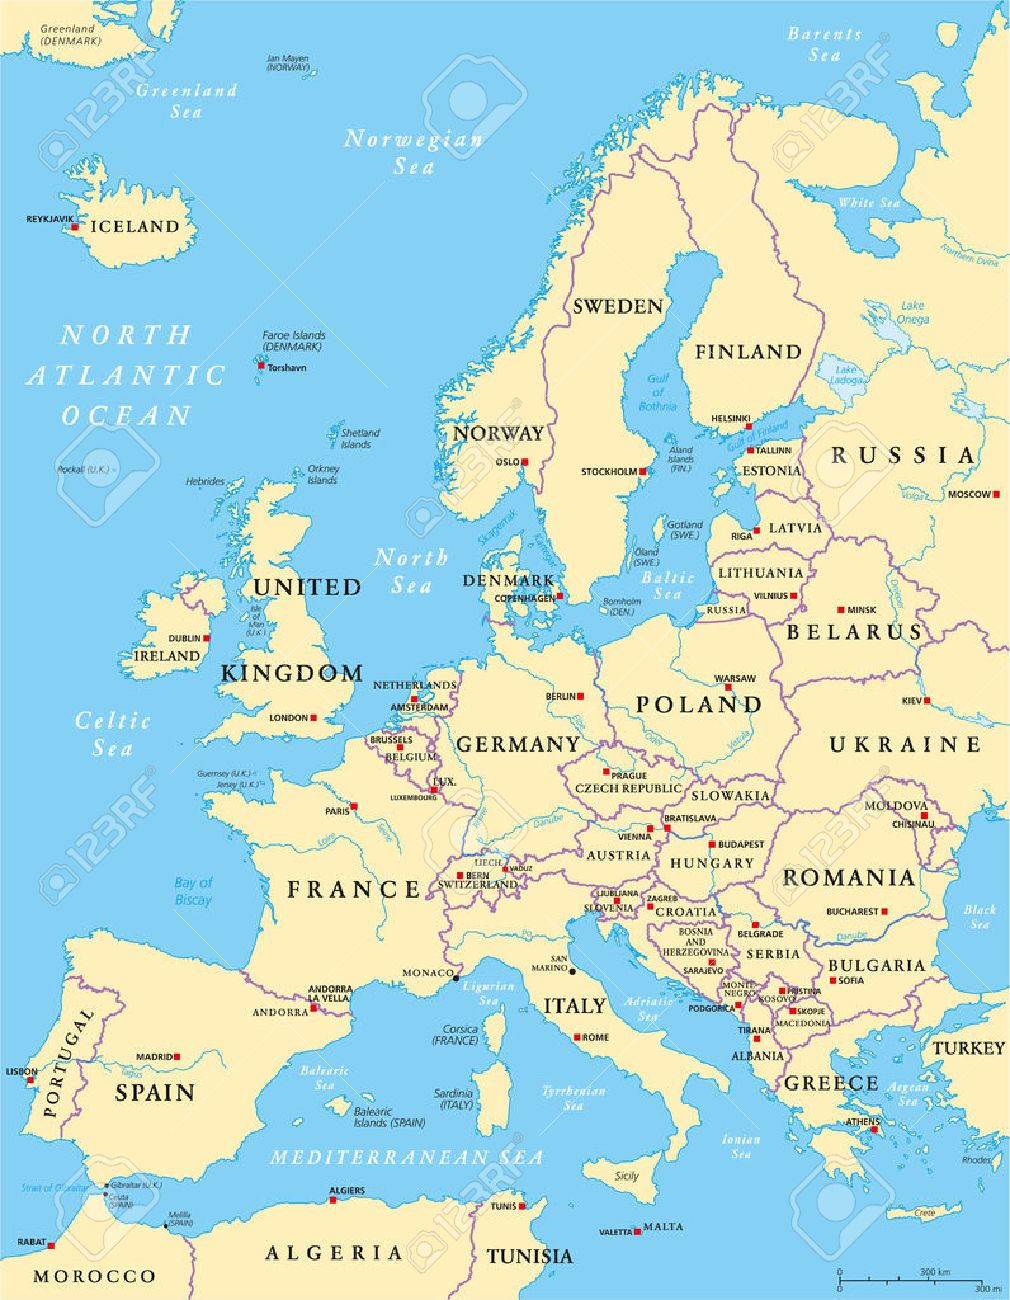 politische landkarte von europa und der umliegenden region mit lander hauptstadte landesgrenzen grosse flusse und seen englisch kennzeichnung und